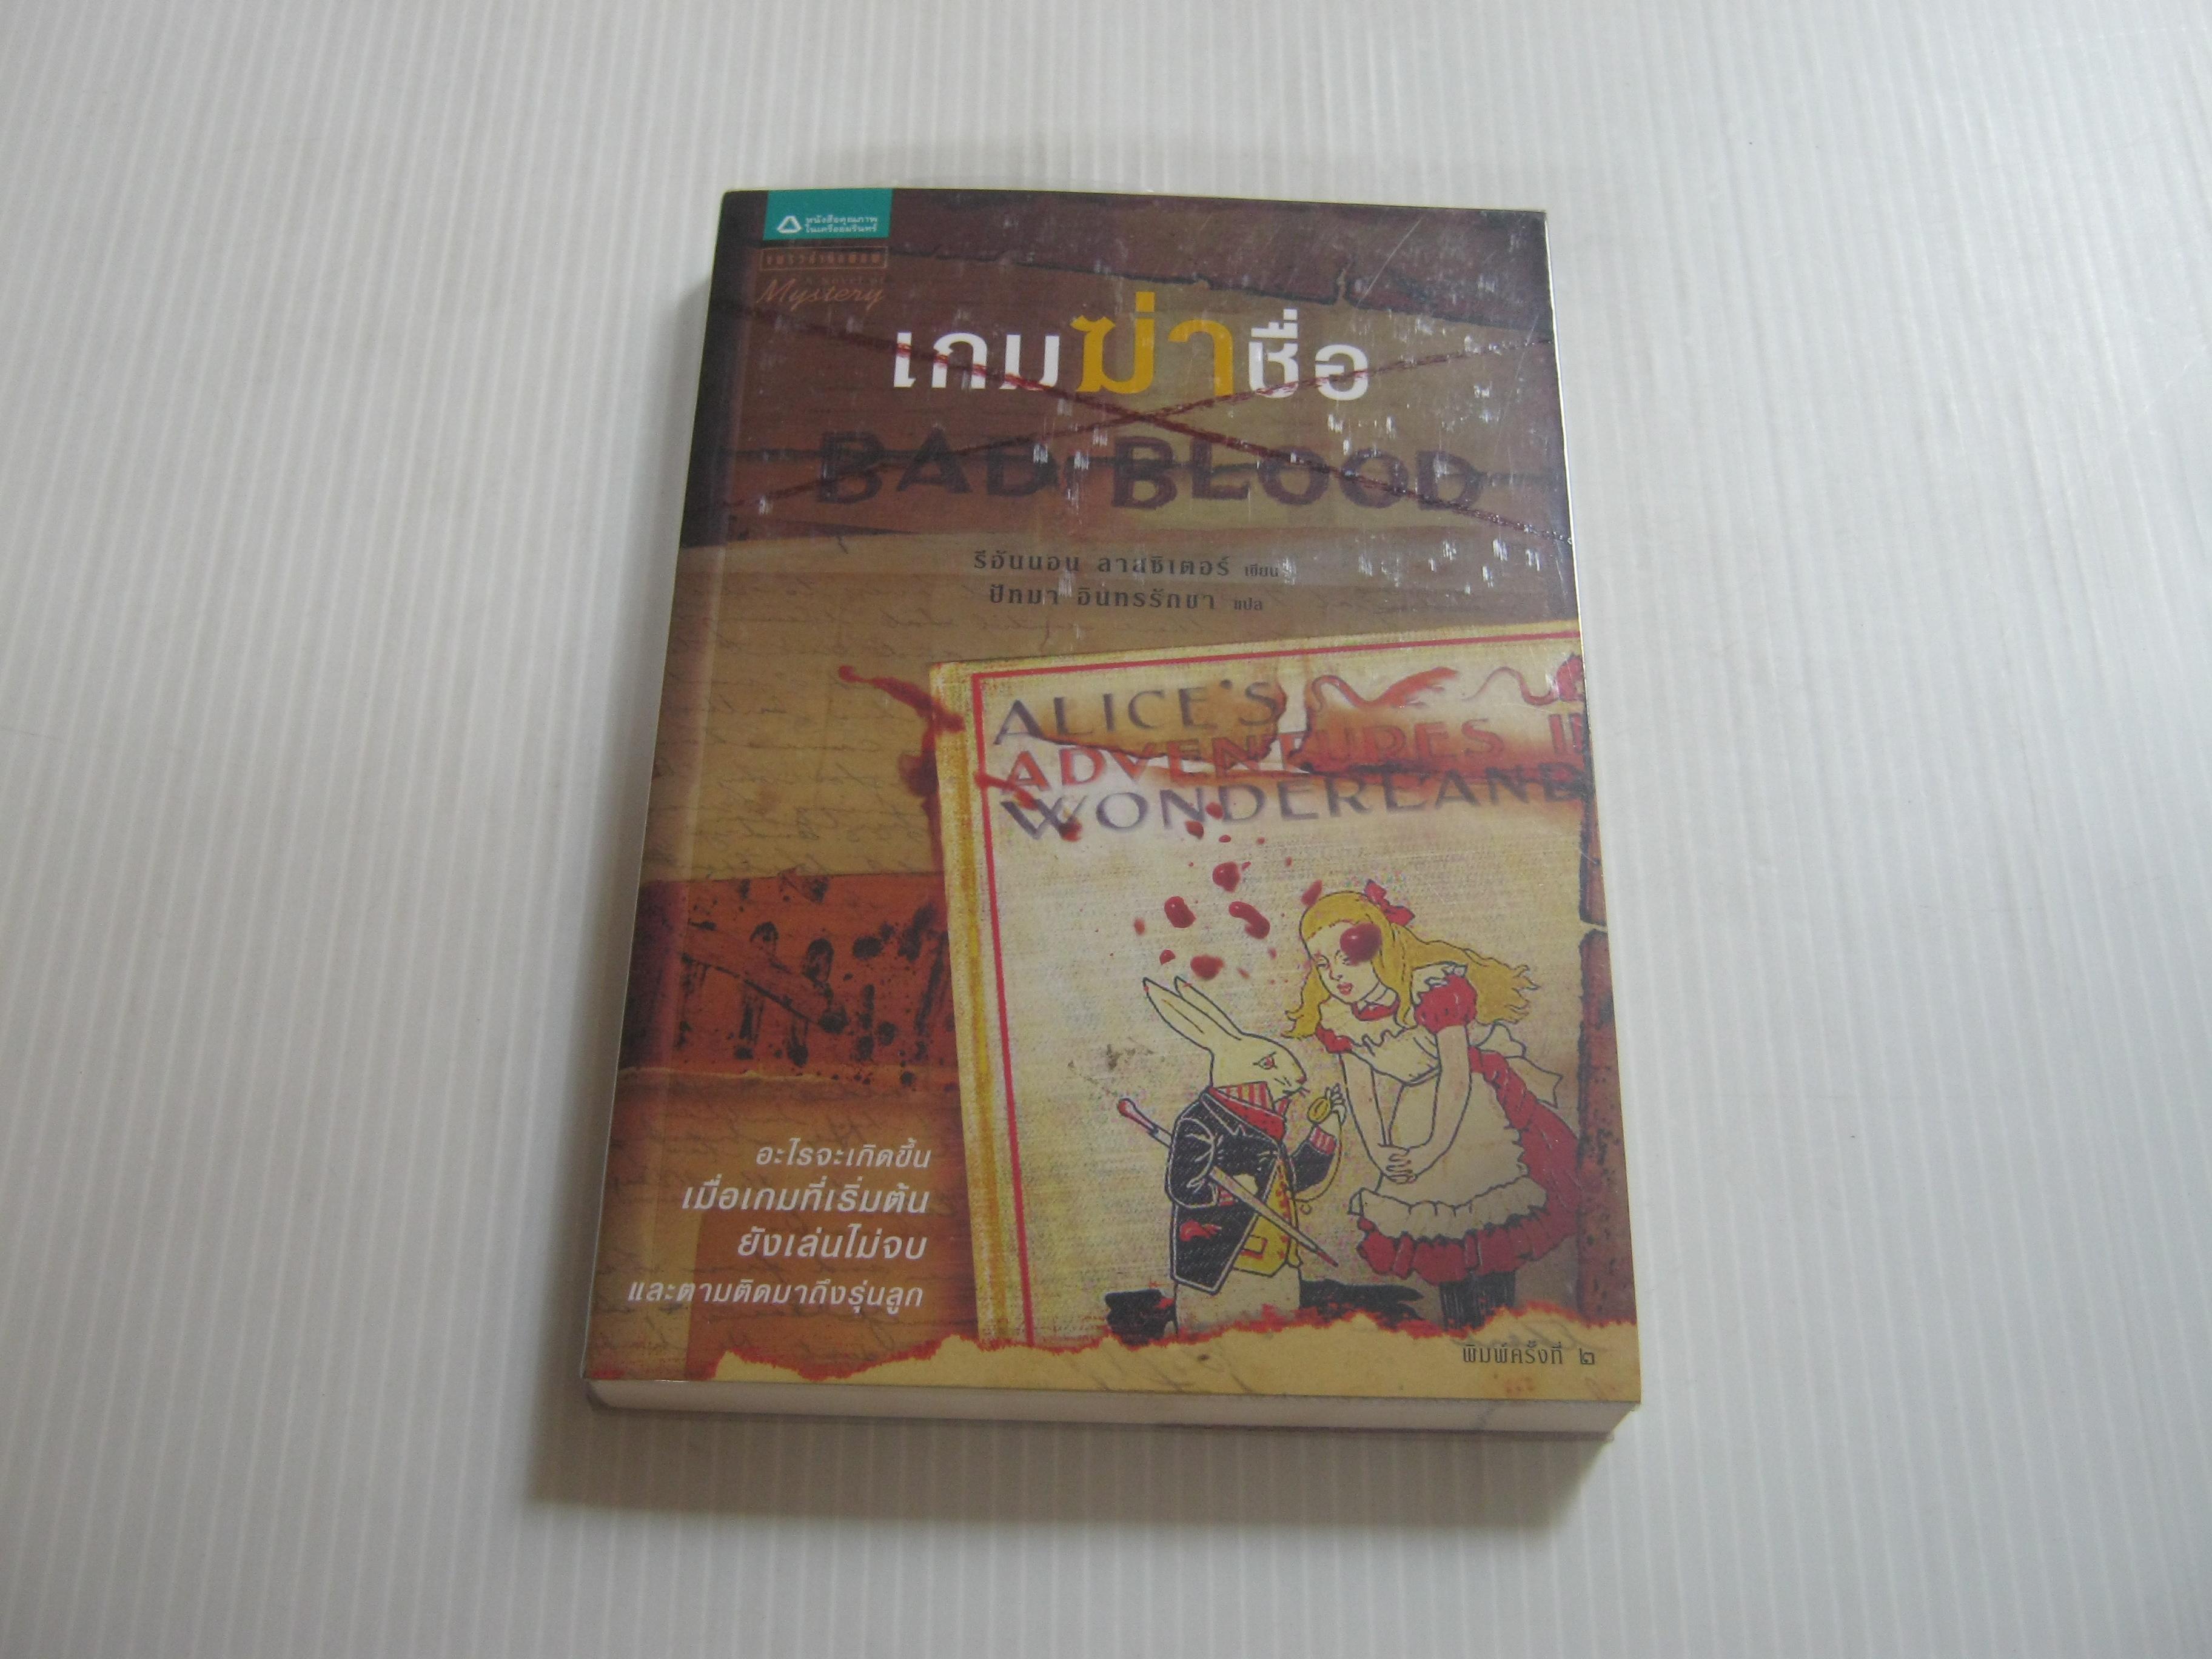 เกมฆ่าชื่อ (Bad Blood) พิมพ์ครั้งที่ 2 รีอันนอน ลาสซิเตอร์ เขียน ปัทมา อินทรรักขา แปล